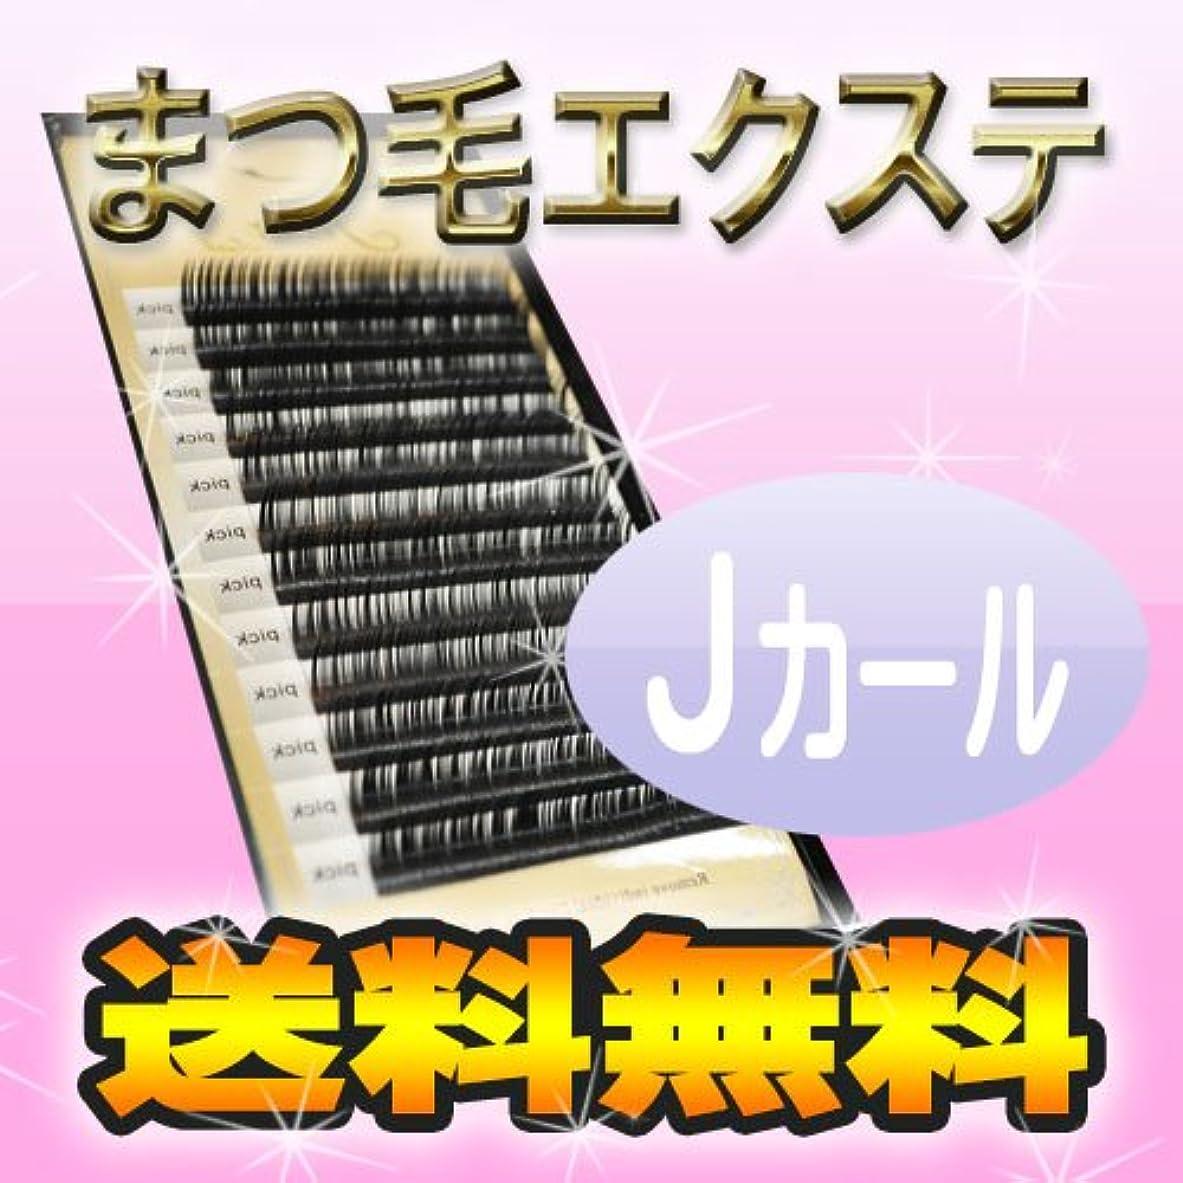 食器棚丁寧とまり木【まつげエクステ Jカール プレミアムミンク】12列 Jカール マツエク まつ毛エクステ まつエク セルフ 付けまつ毛 キット セット 業務用 アイラッシュ まつ毛パーマ フラットマットラッシュ ではありません。 0.15mm,11mm